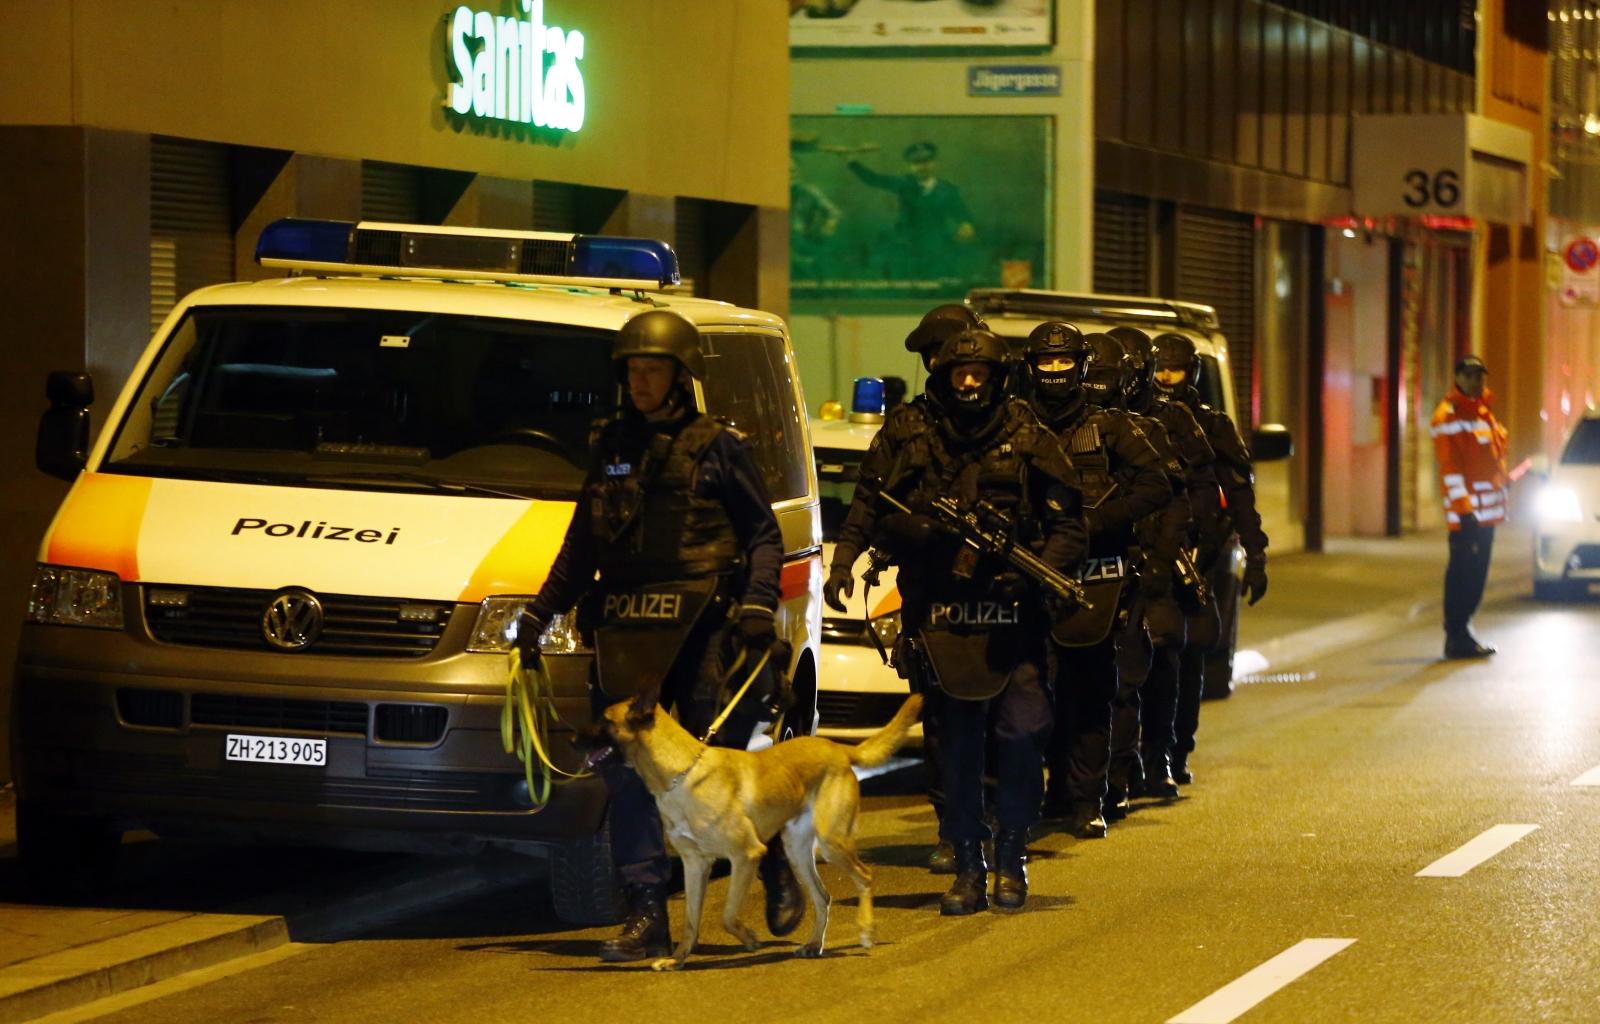 Zurich mosque attack